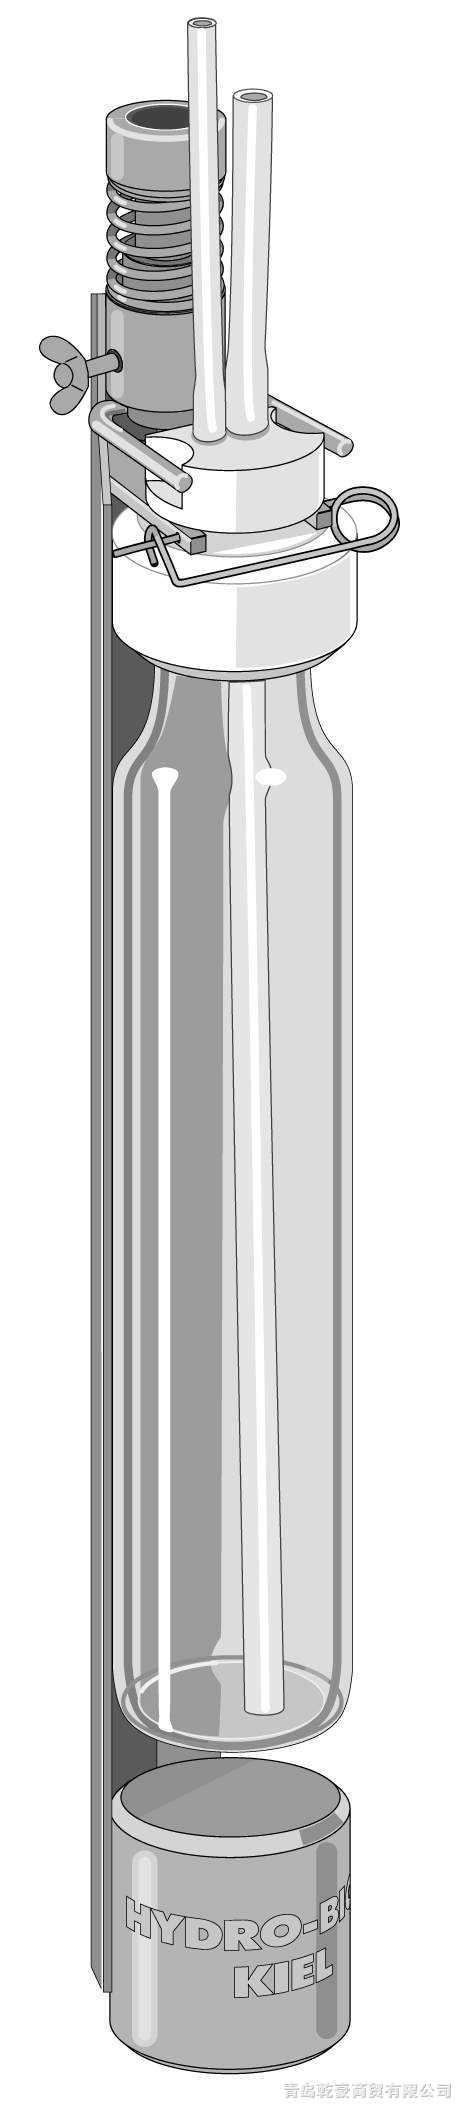 德国HYDRO-BIOS公司--MICROS水样采集器